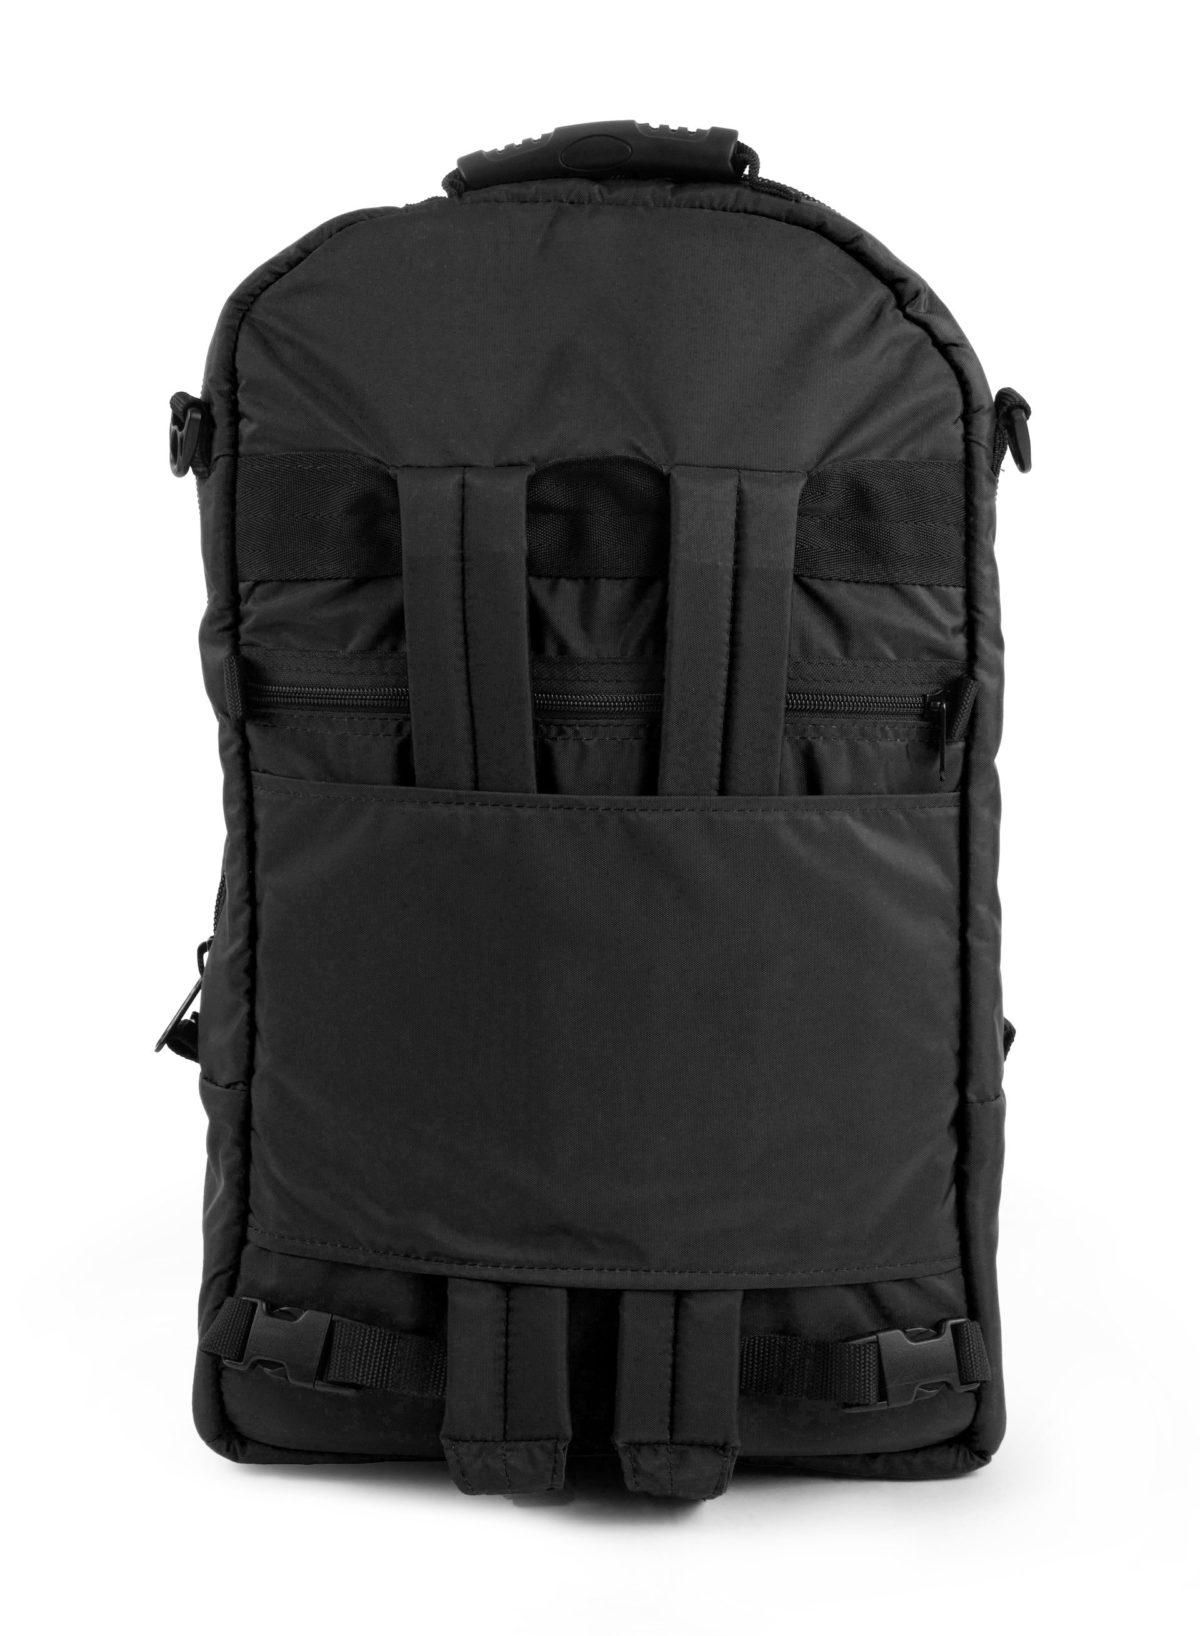 Altieri Alto Flute Backpack Back View AFBP 00 BK000